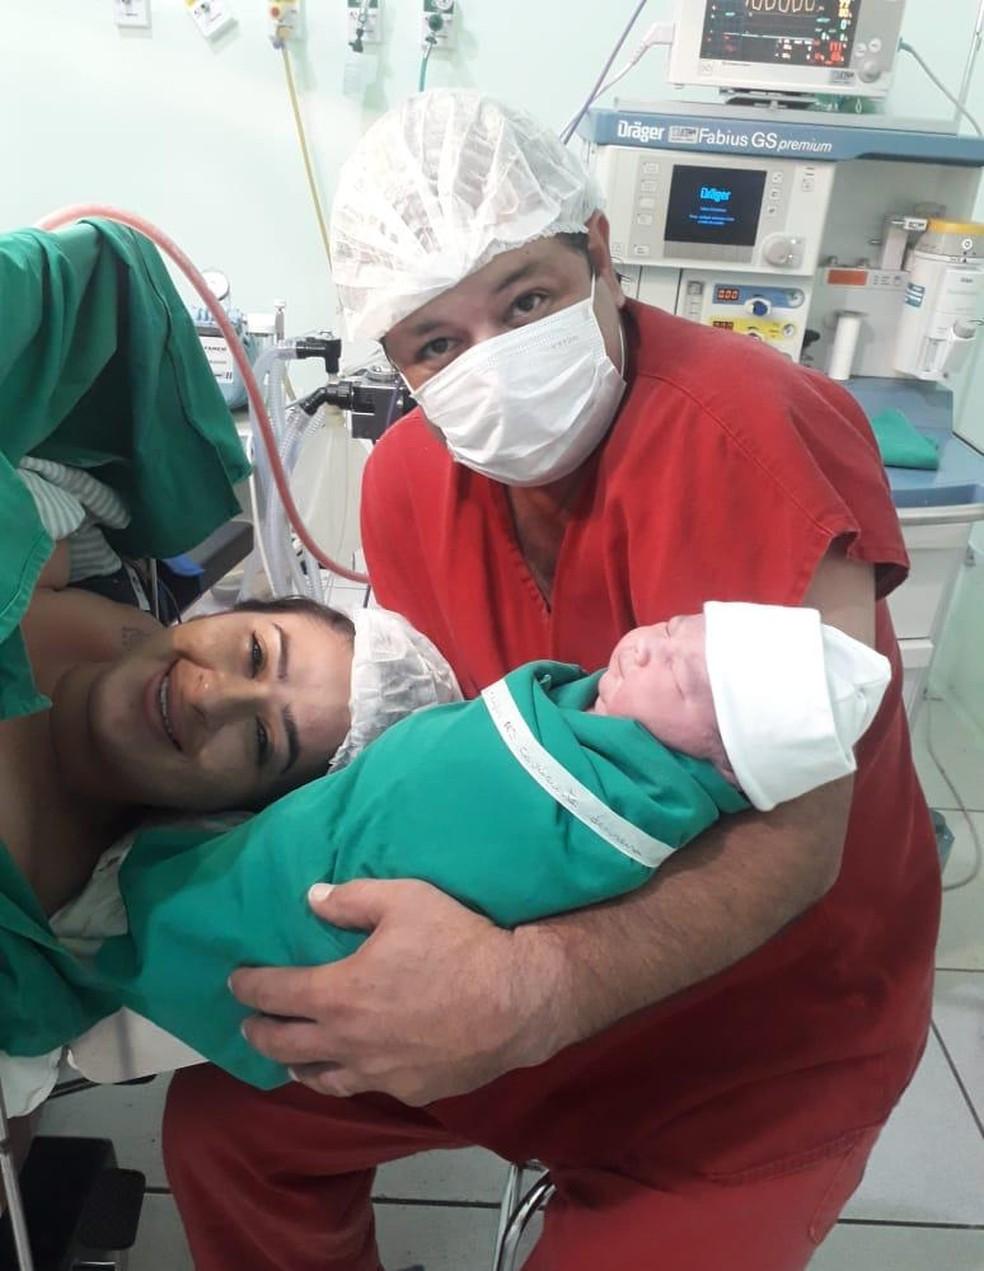 Família com bebê que nasceu com quase 5 kg em maternidade de MS — Foto: Evilyn Cavalcante/Arquivo Pessoal